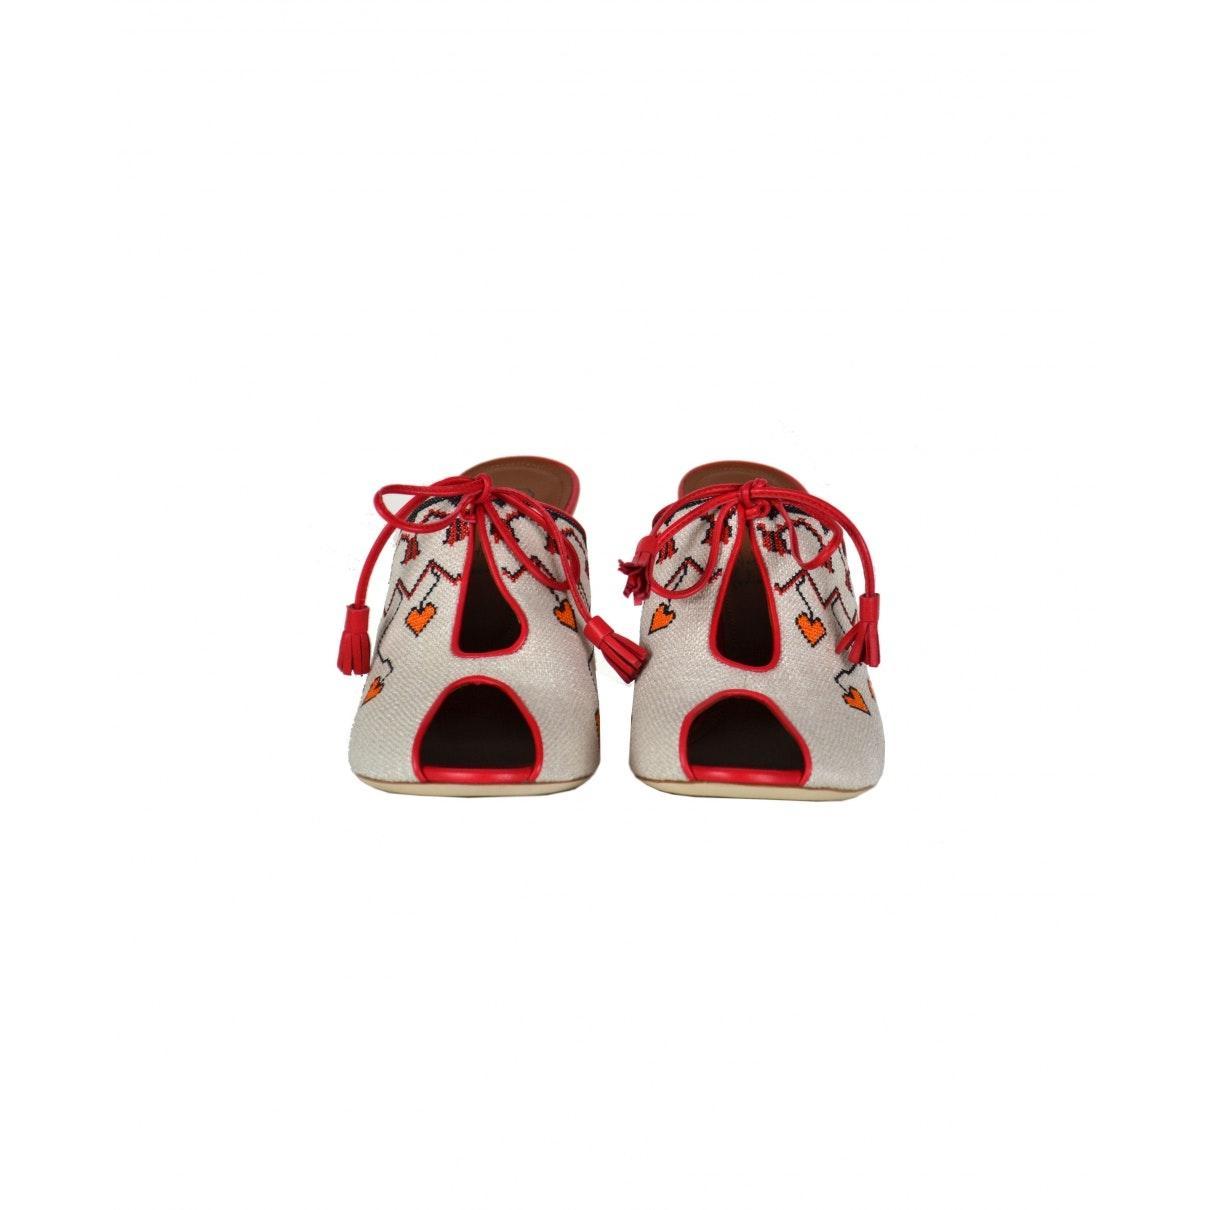 Zuecos de Cuero Malone Souliers de Cuero de color Rojo